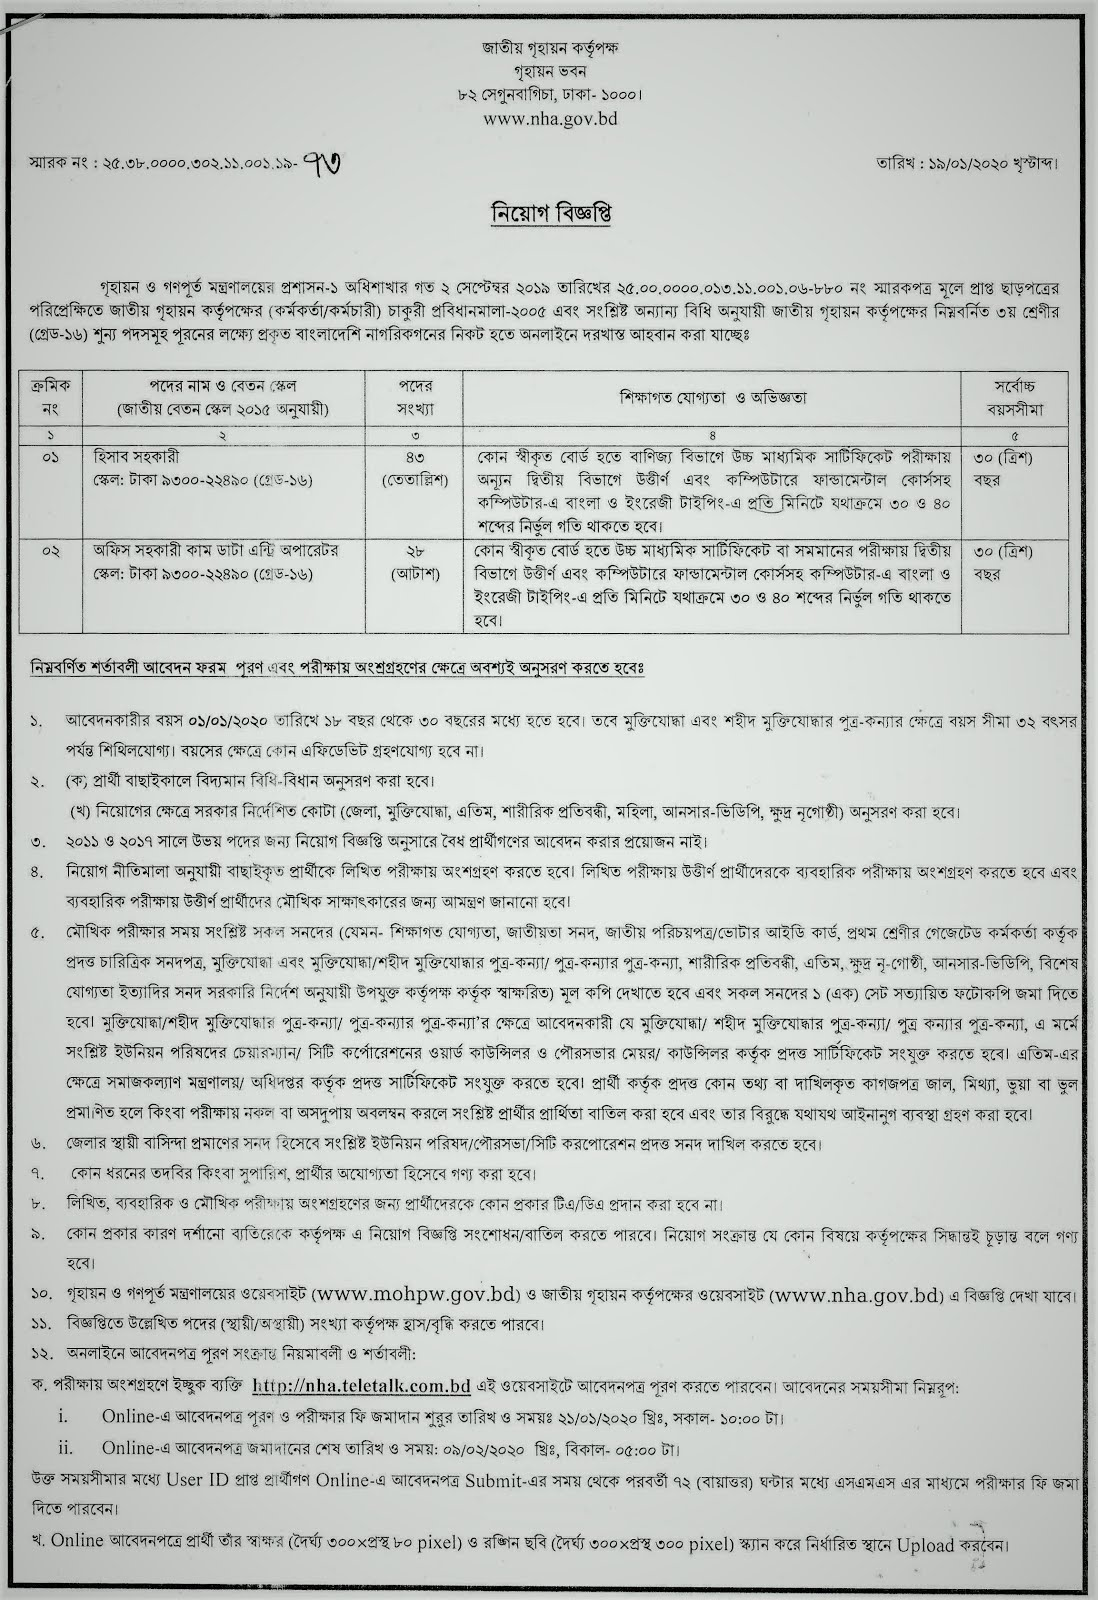 জাতীয় গৃহায়ন কর্তৃপক্ষ নিয়োগ বিজ্ঞপ্তি NHA Job Circular 2020  National Housing Authority (NHA) Job Circular 2020